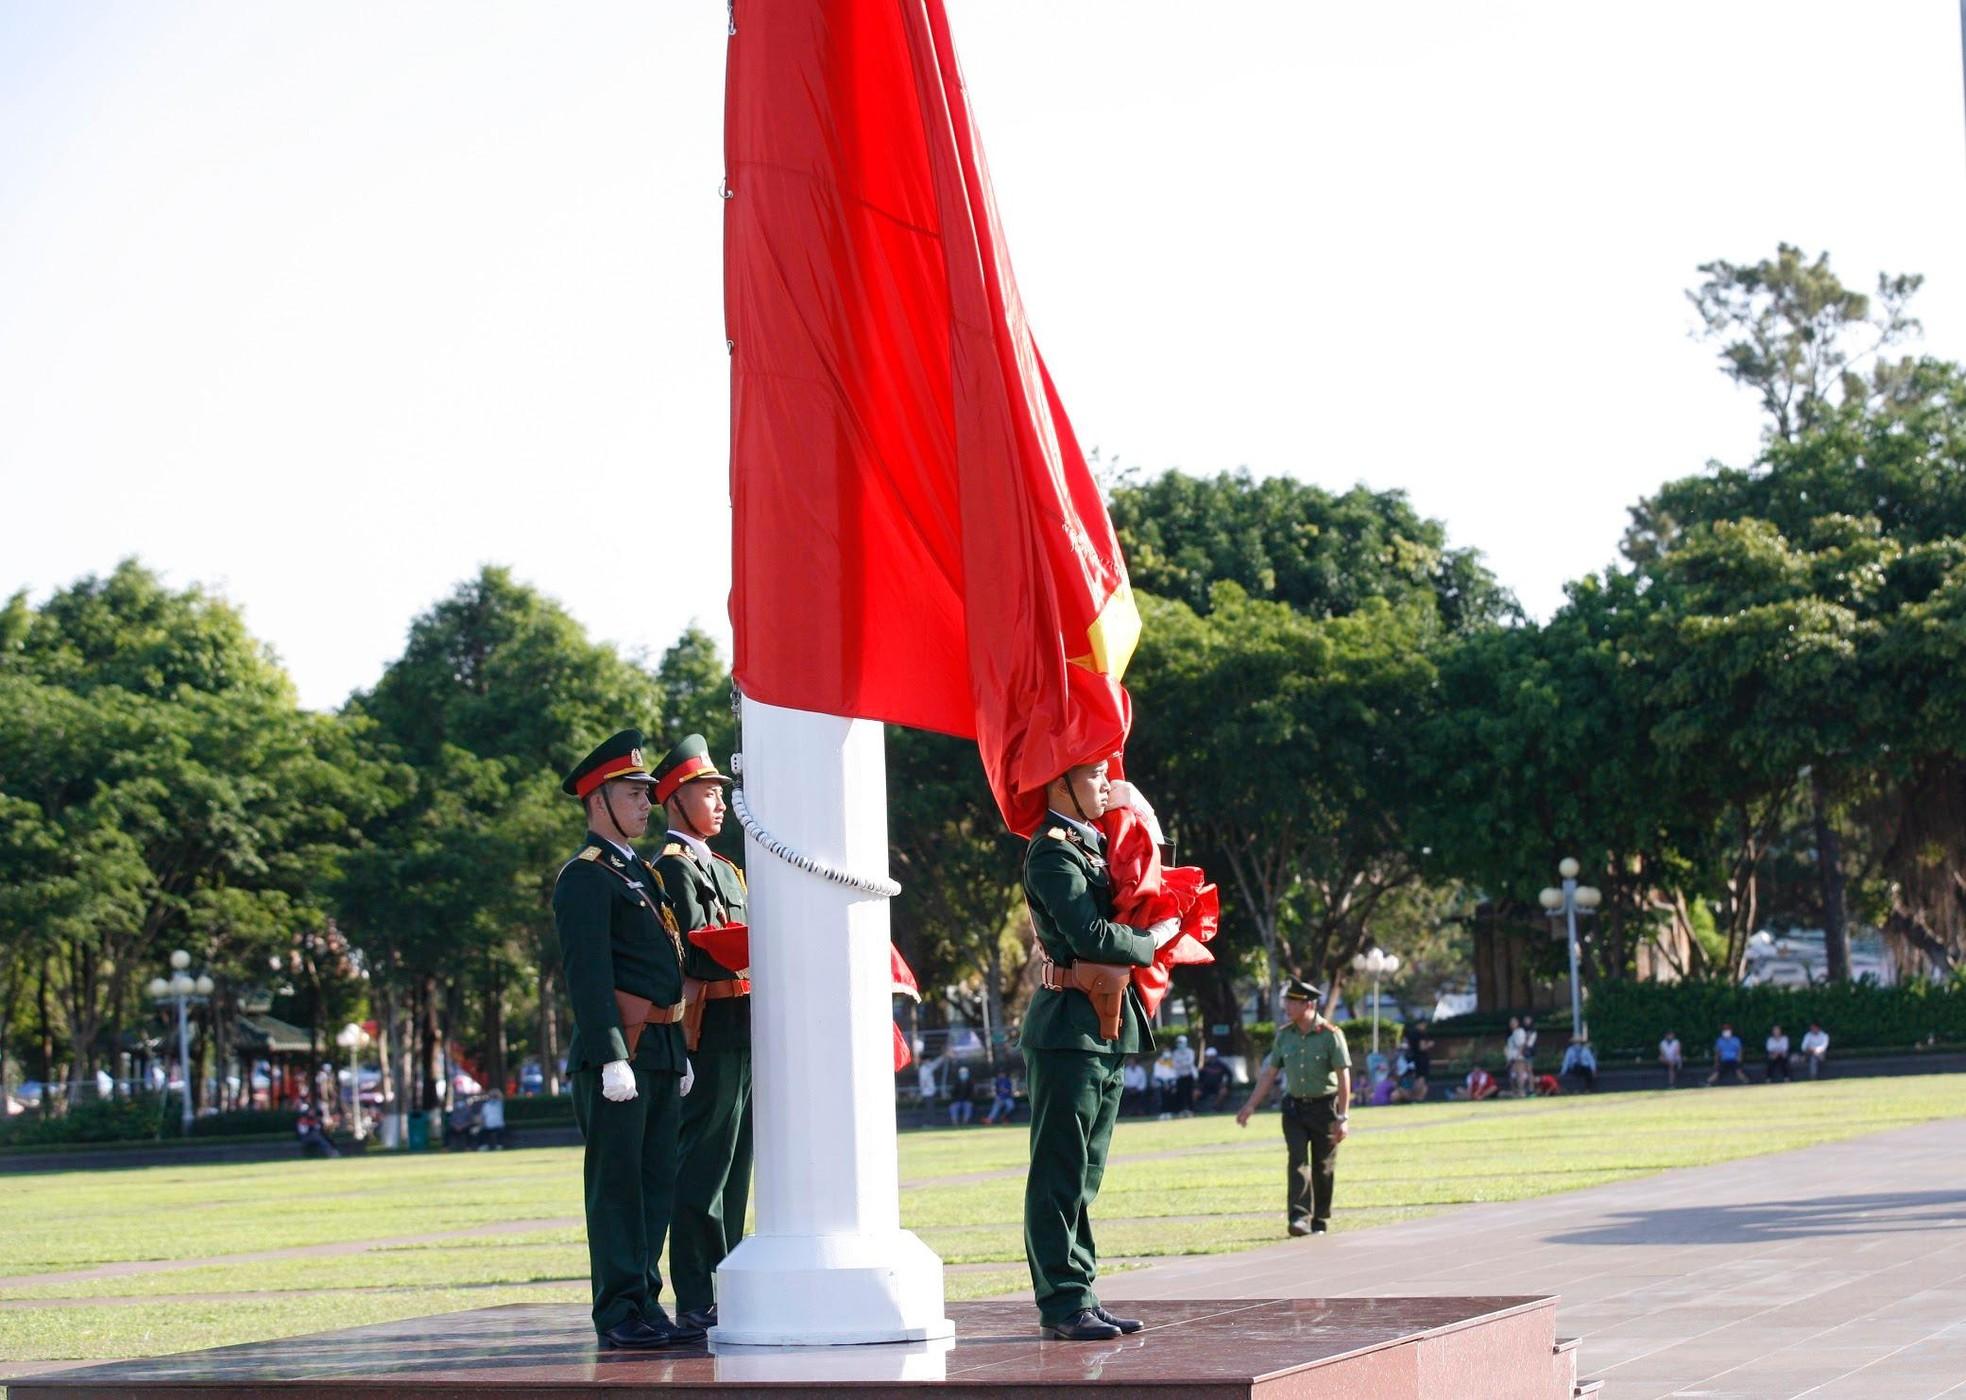 Đón xem lễ Thượng cờ trang nghiêm tại Quảng trường Đại Đoàn Kết ảnh 3